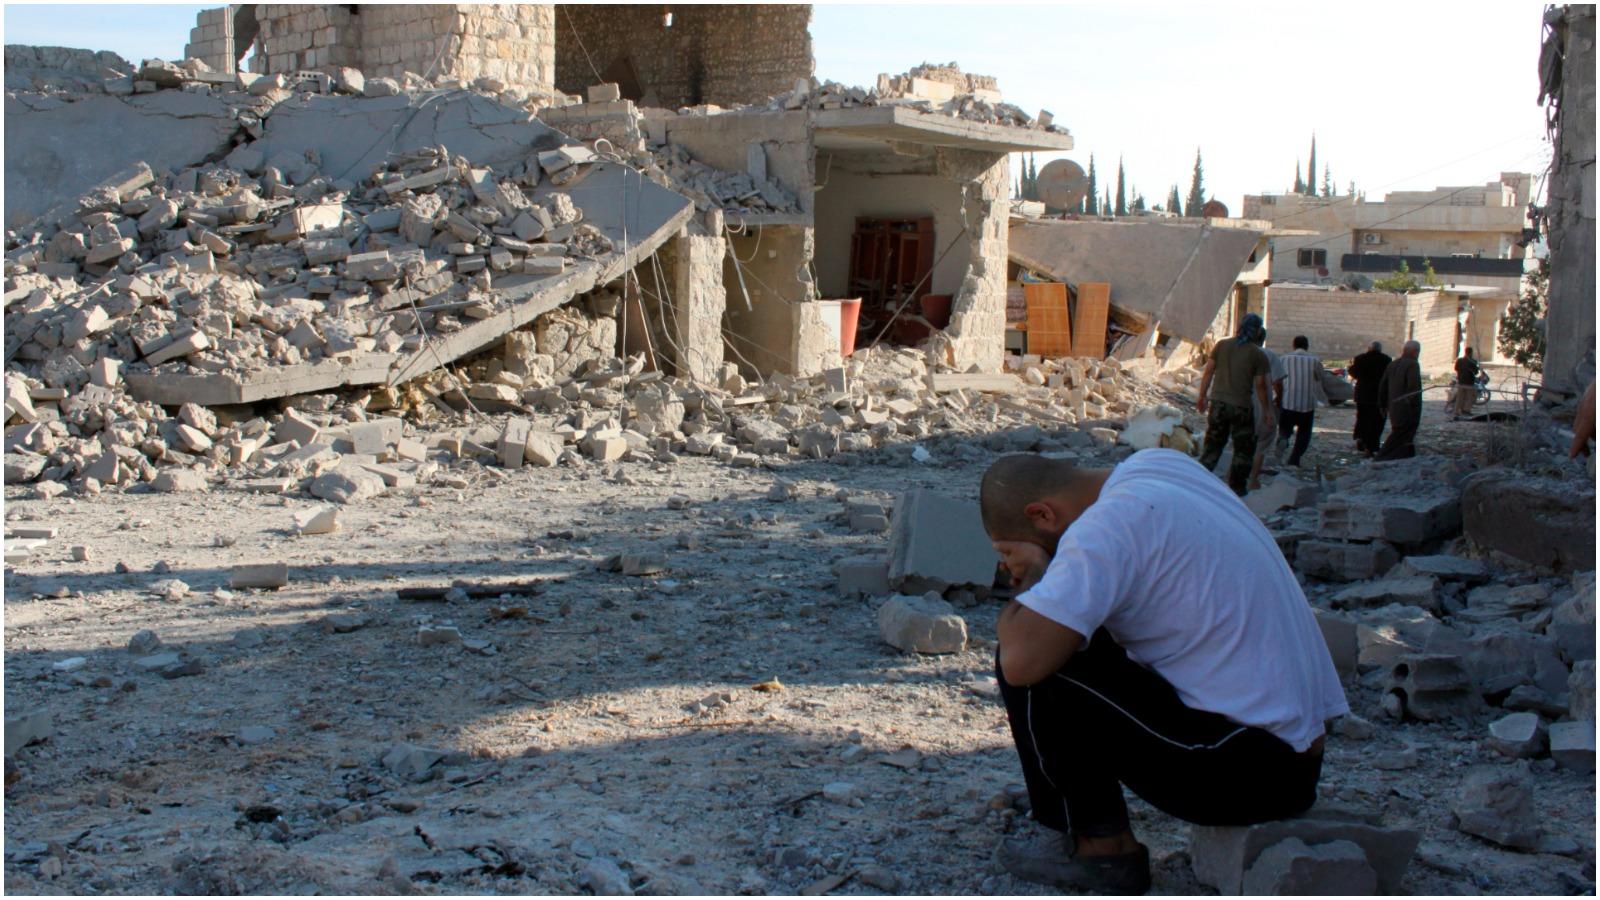 <font color=00008>Helle Malmvig (DIIS):</font color> Den syriske oppositions målsætning om at skabe et Syrien med øget frihed og mulighed for politisk deltagelse er død